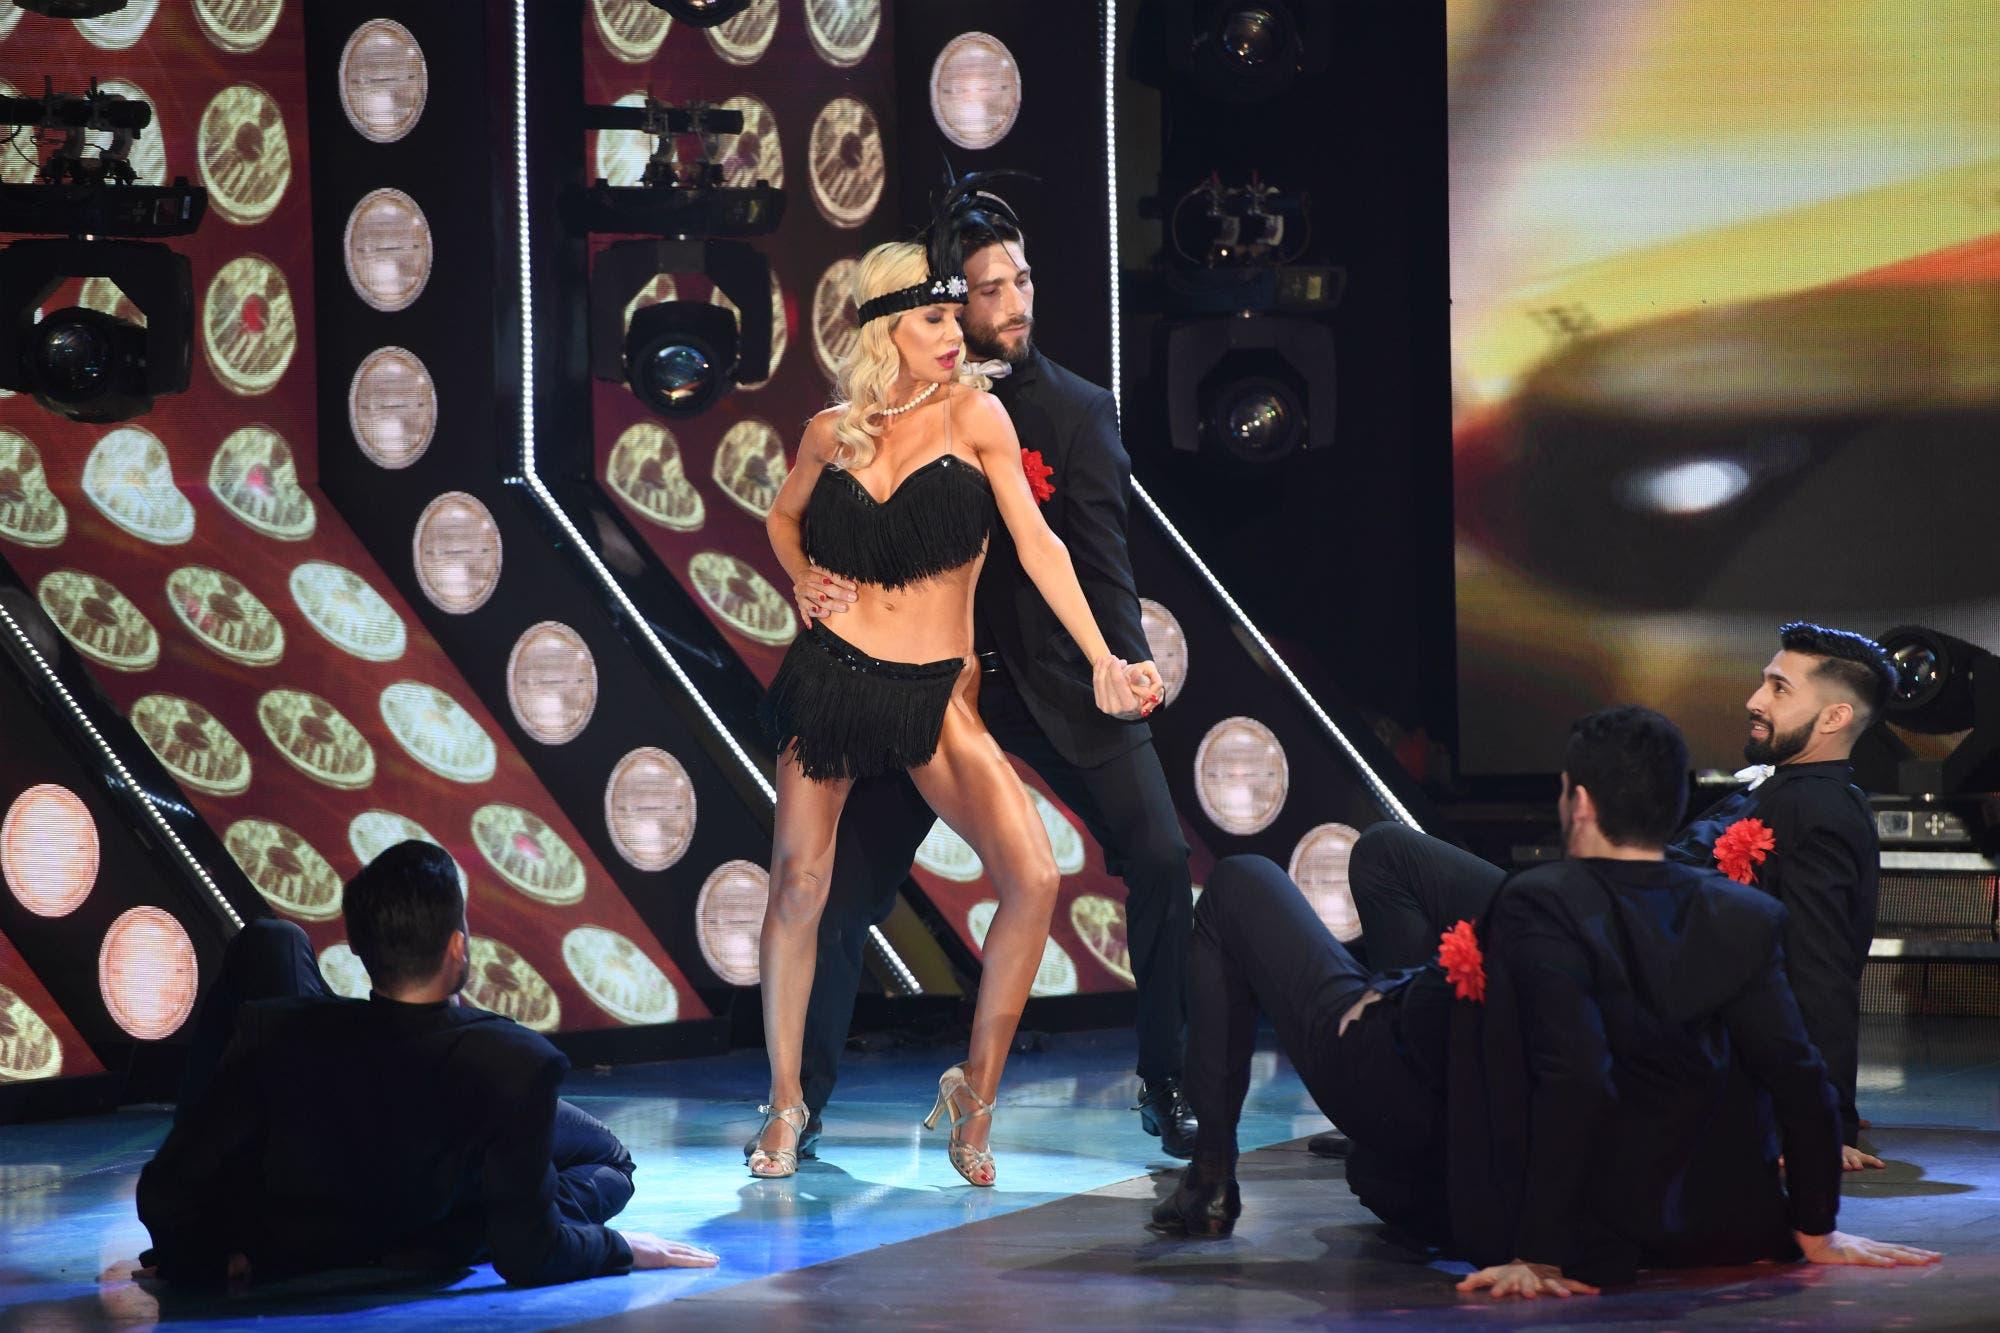 Bailando 2019: Luciana Salazar llevó la política a la pista, Tinelli criticó al Gobierno y Pampita sorprendió con un dato de su novio